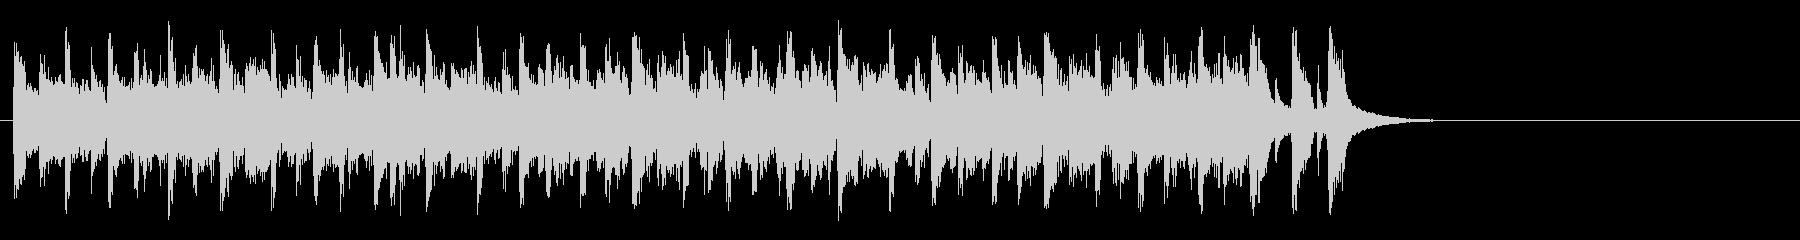 軽やかなフュージョン(イントロ)の未再生の波形